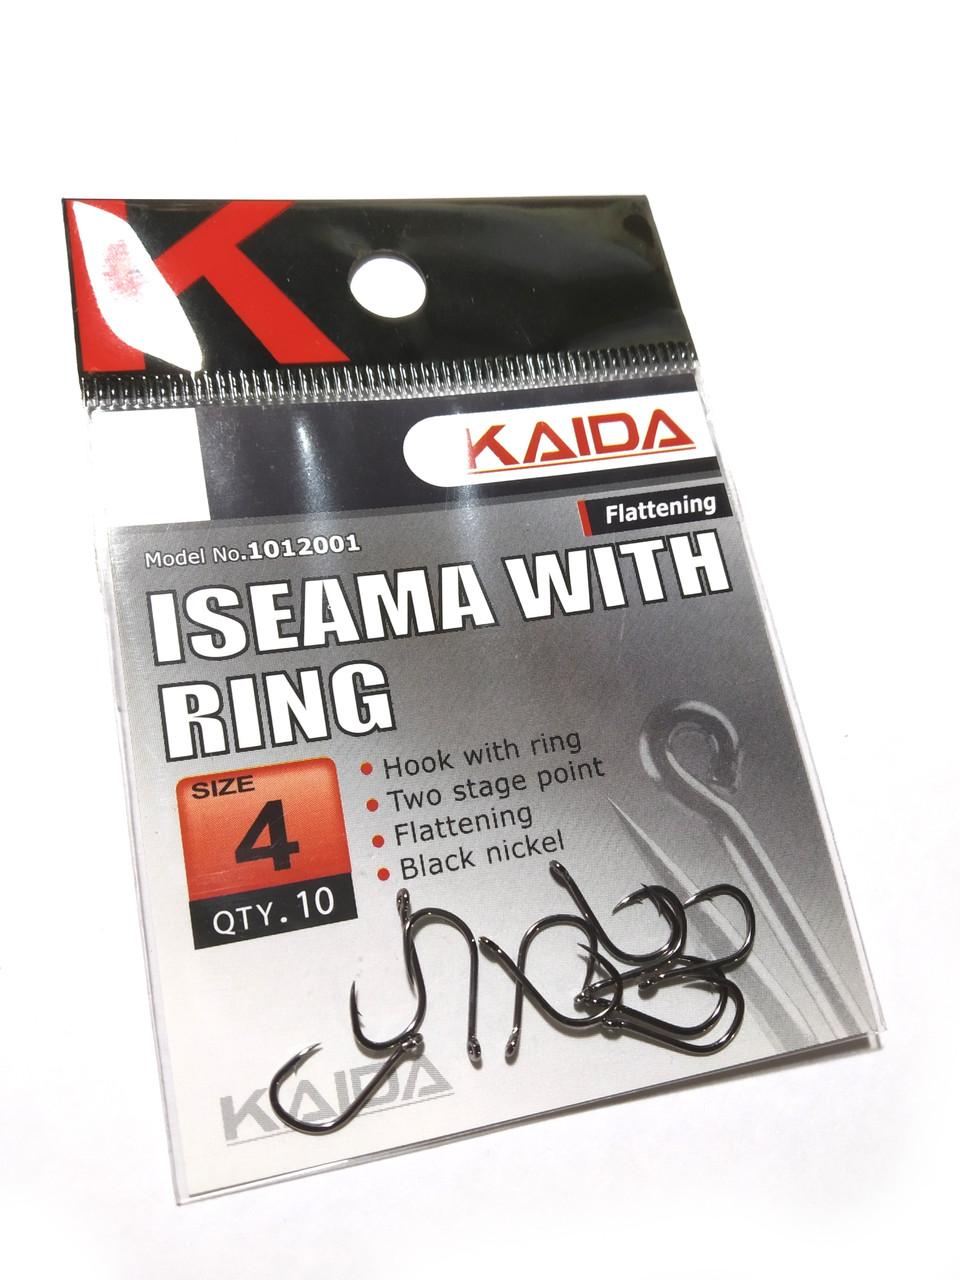 Крючки Kaida Iseama With Ring #4